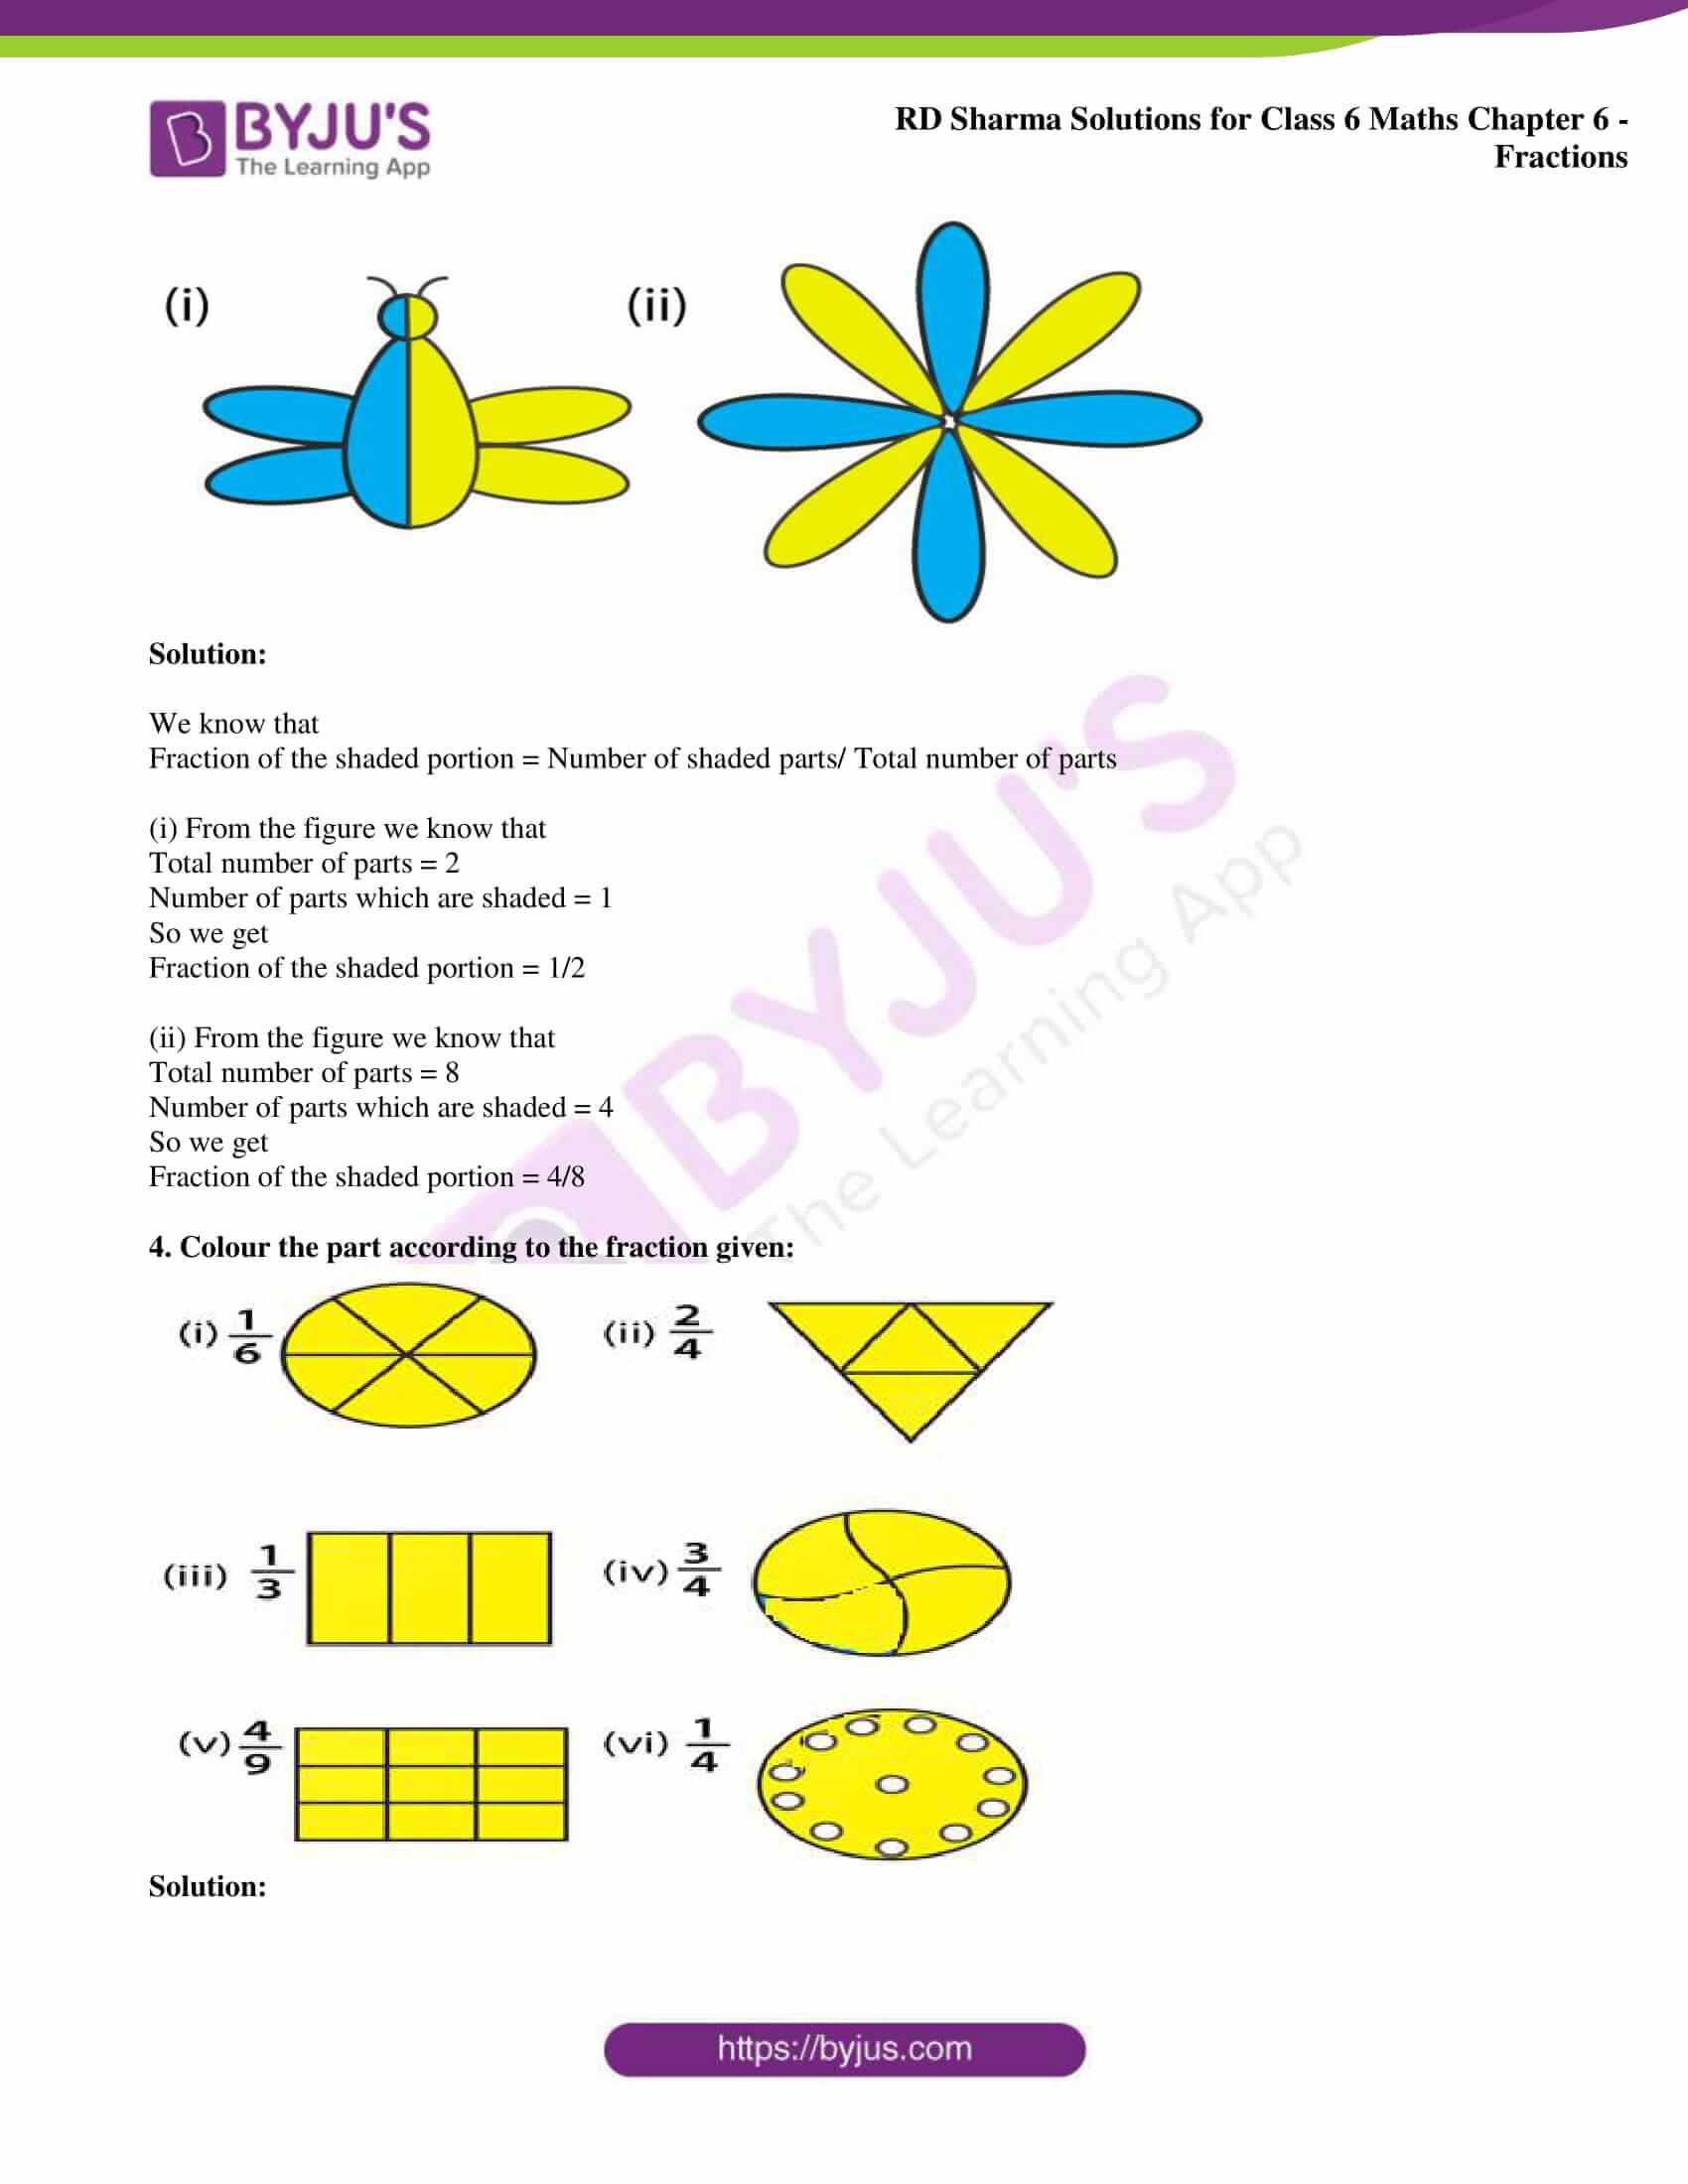 rd sharma class 6 maths solutions chapter 6 ex 1 4